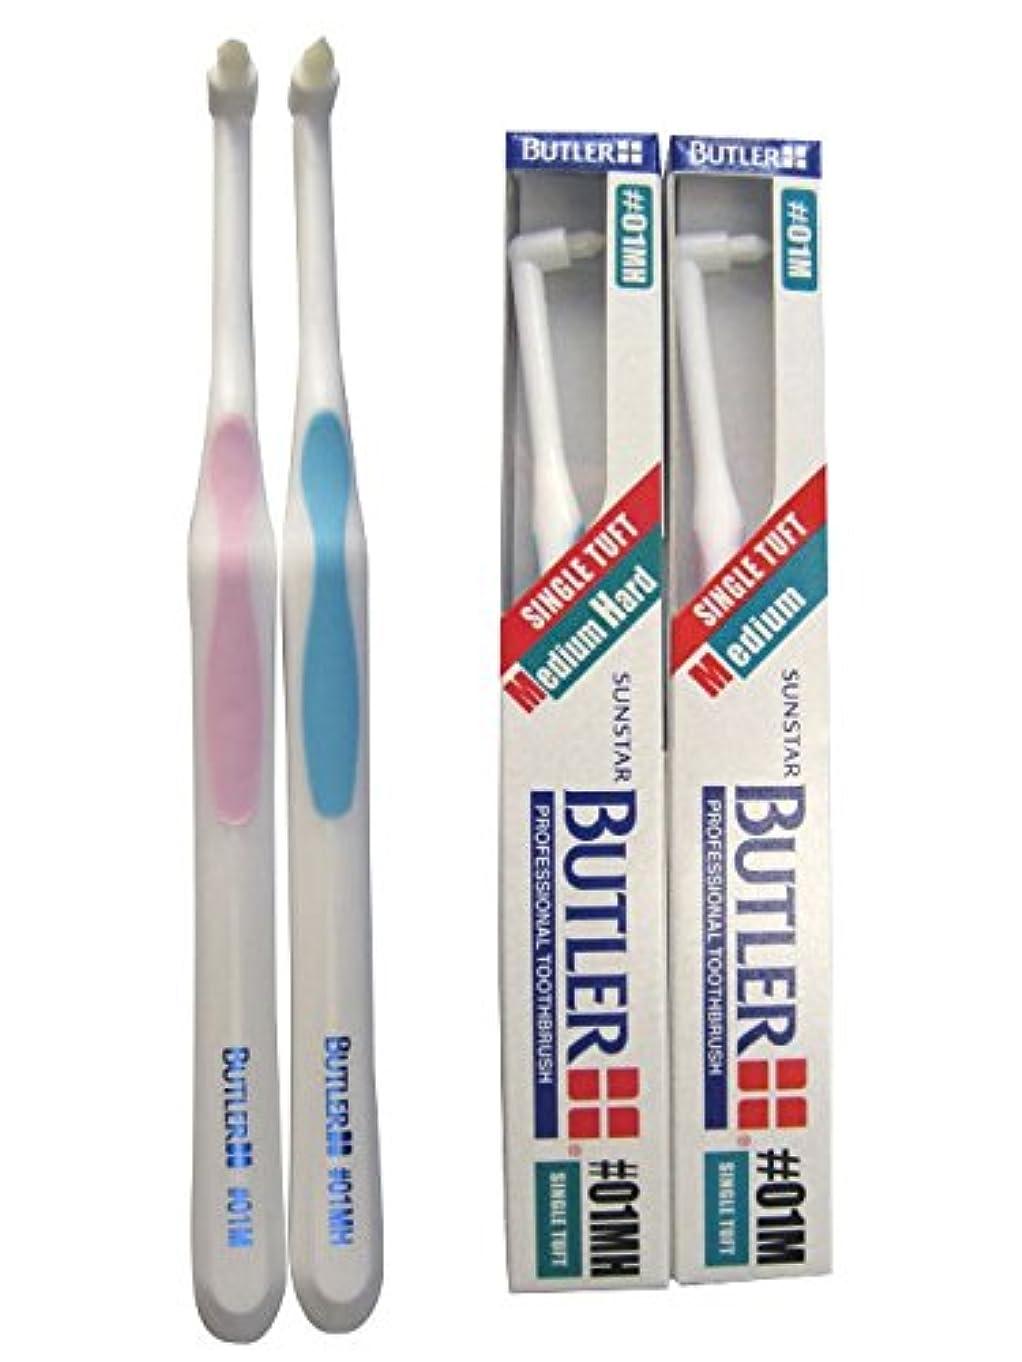 オーストラリア人コットンバナー12本 サンスター バトラー ワンタフト歯ブラシ #01M #01MH (M(ミディアム))